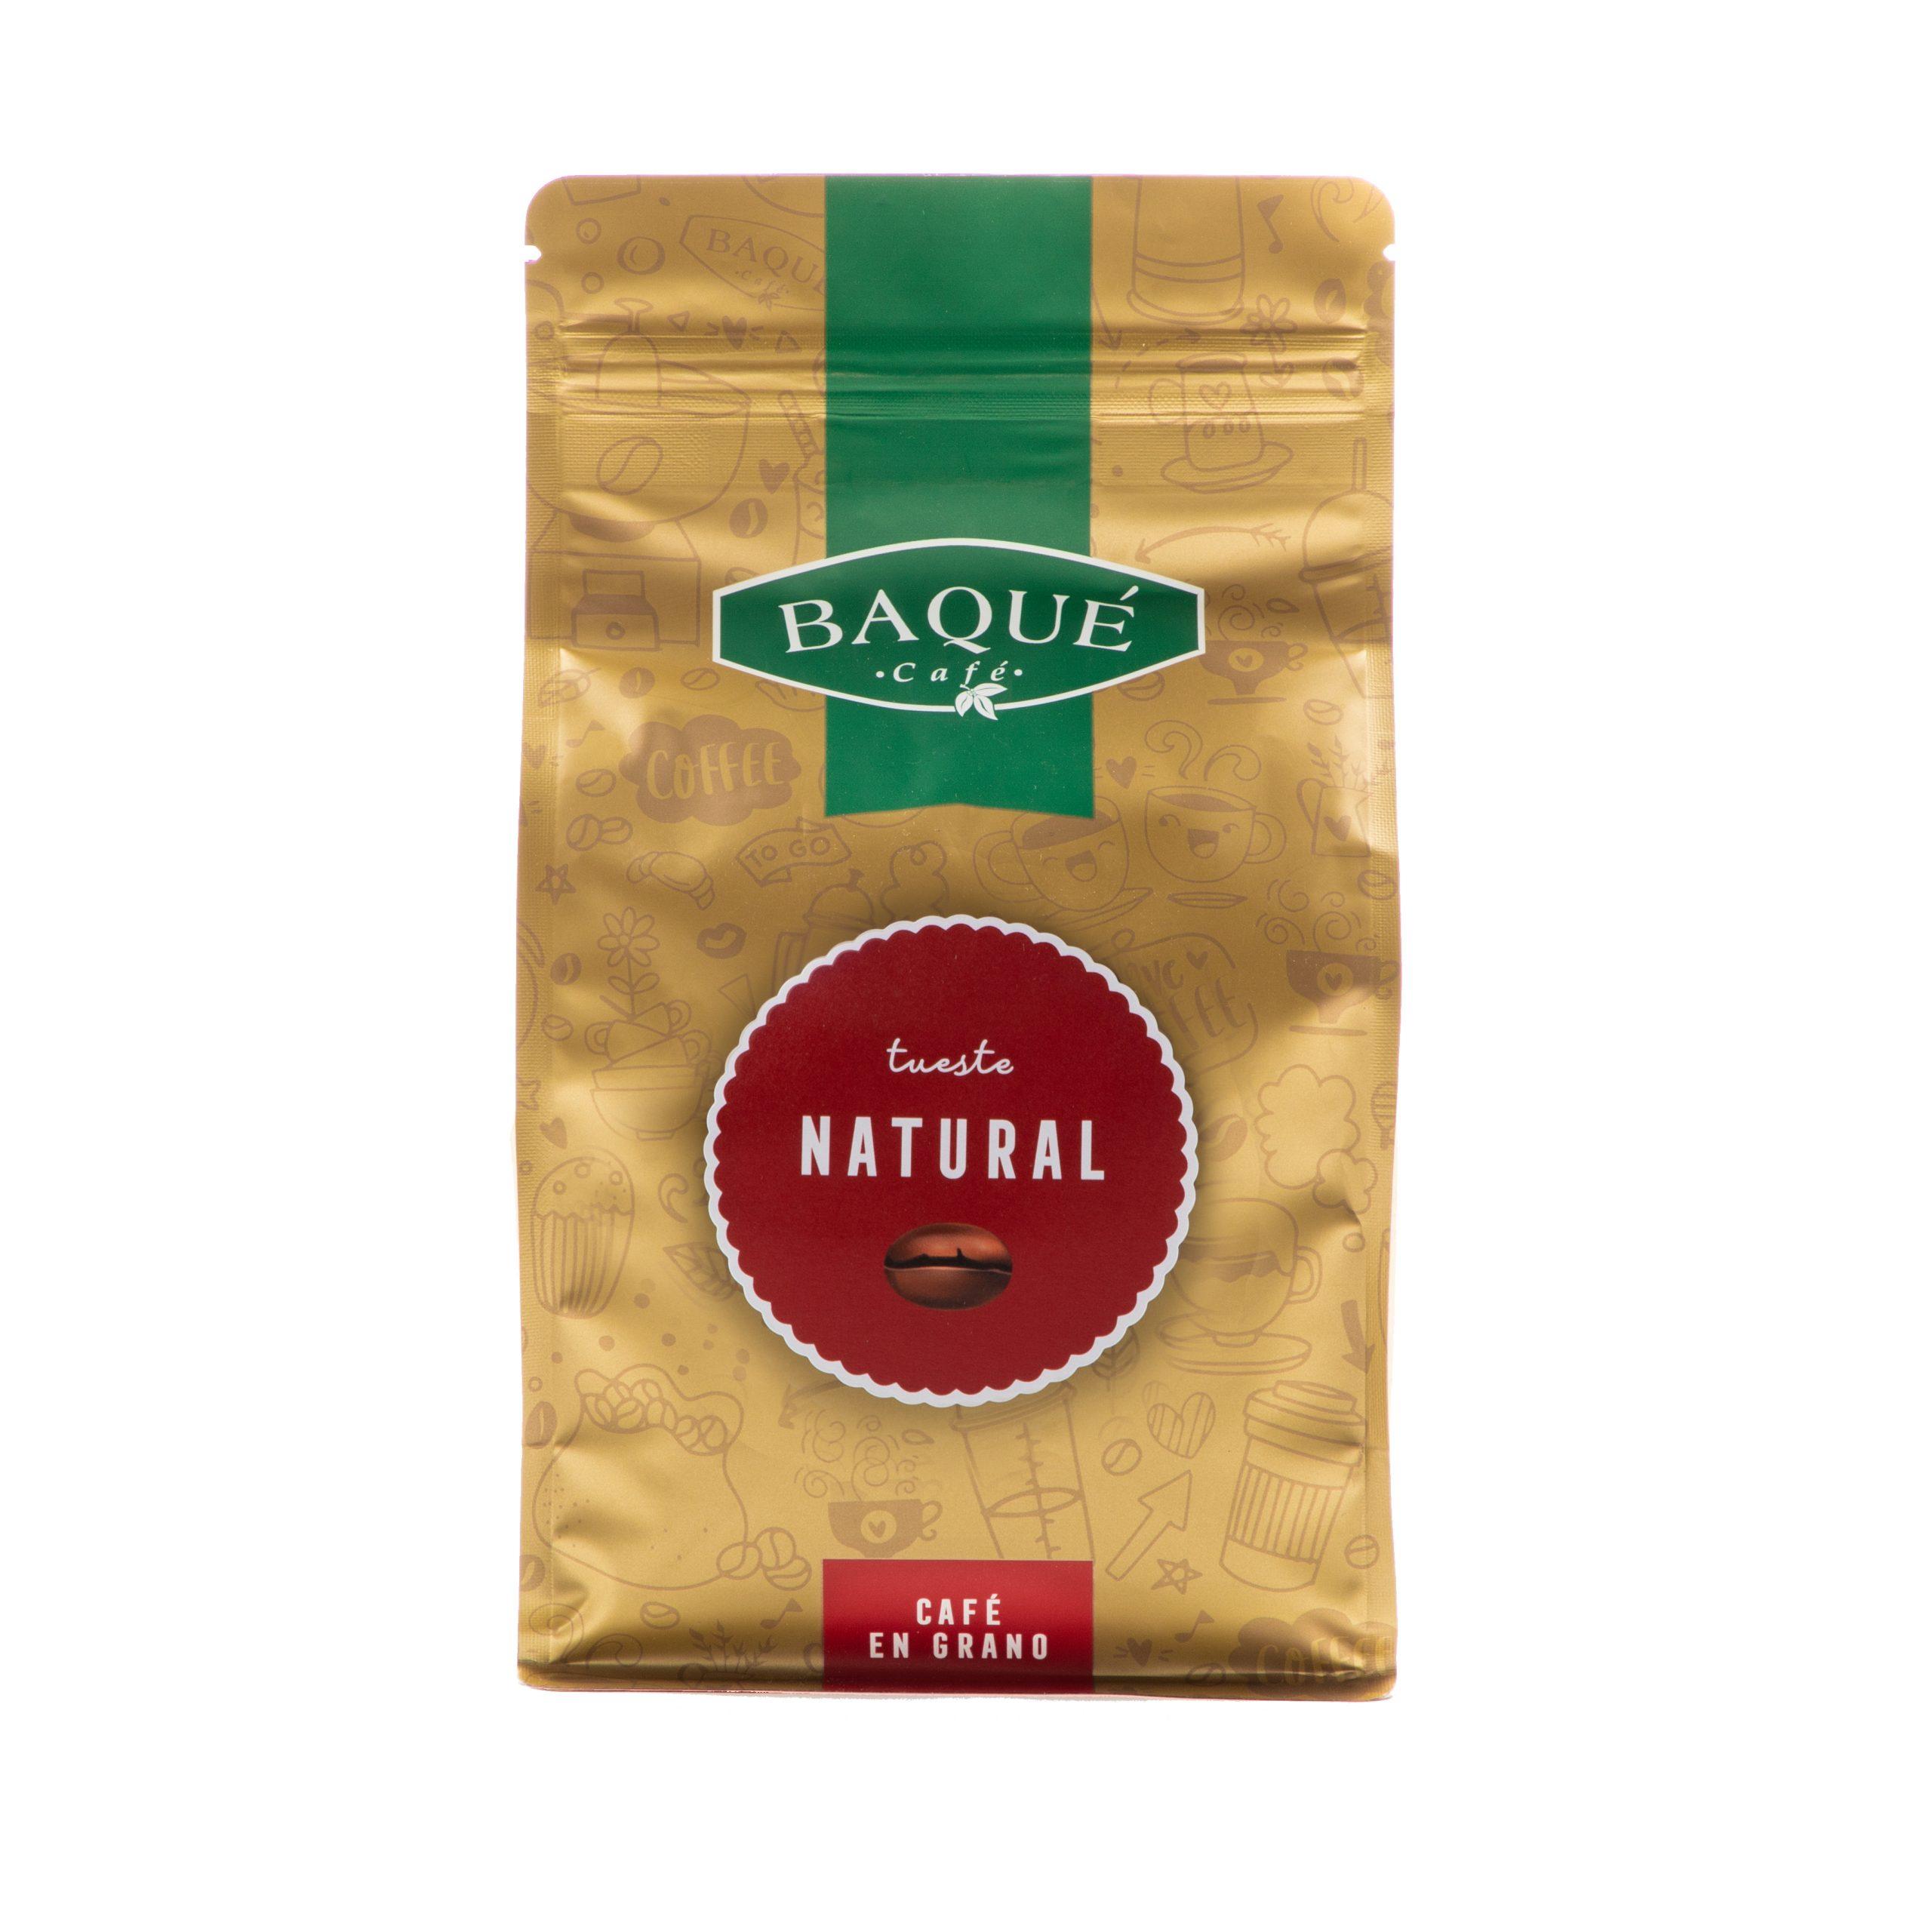 Café en grano Natural, 500 g.